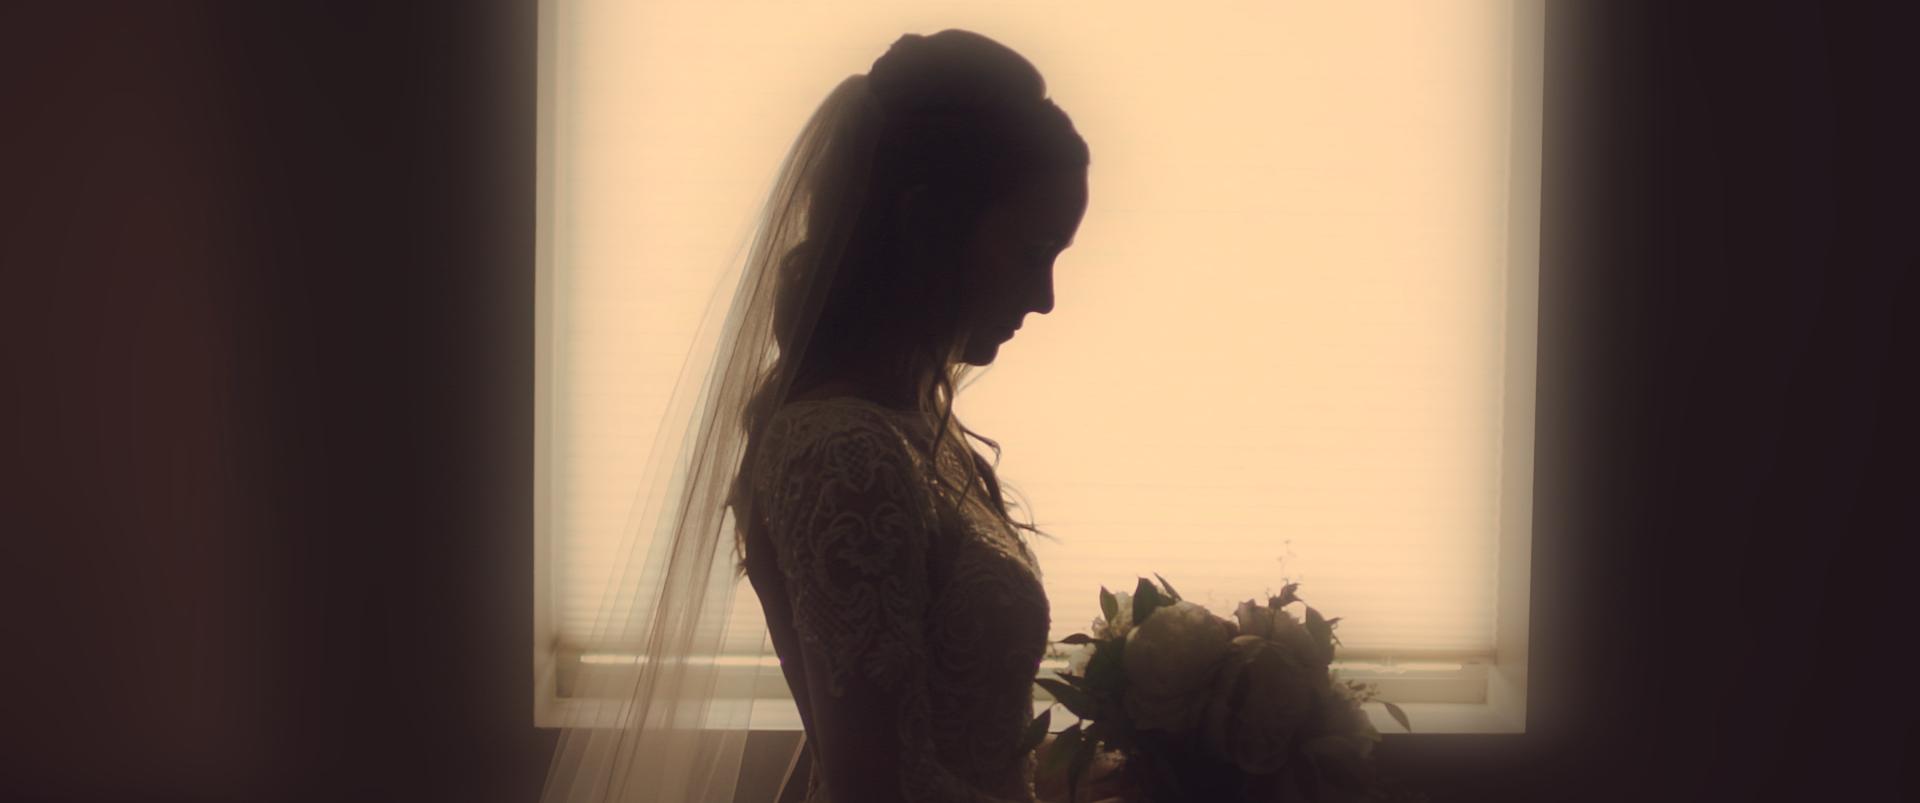 MORTON WEDDING.00_02_07_08.Still005.png